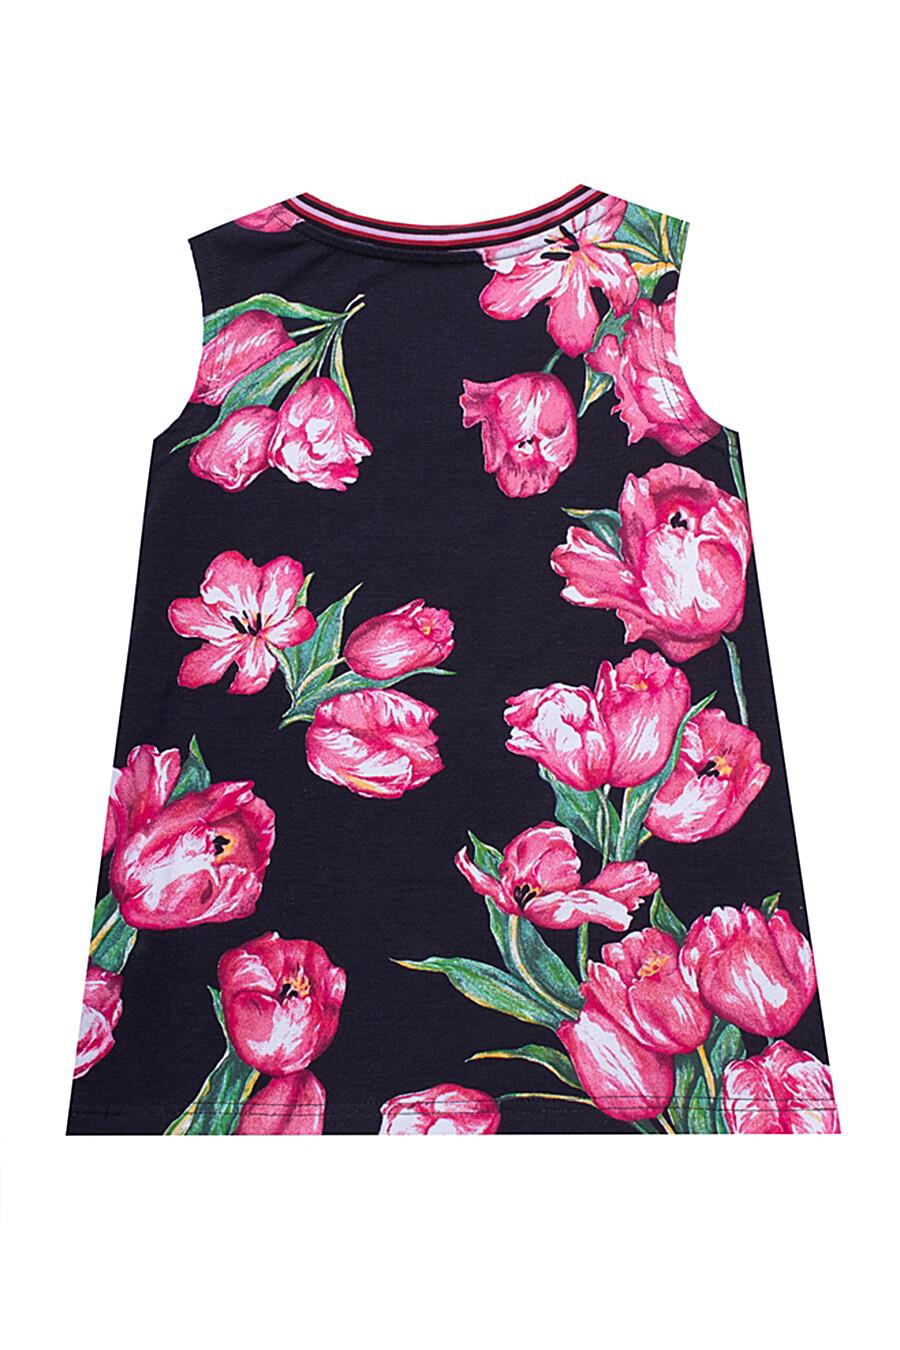 Джемпер для девочек АПРЕЛЬ 699962 купить оптом от производителя. Совместная покупка детской одежды в OptMoyo